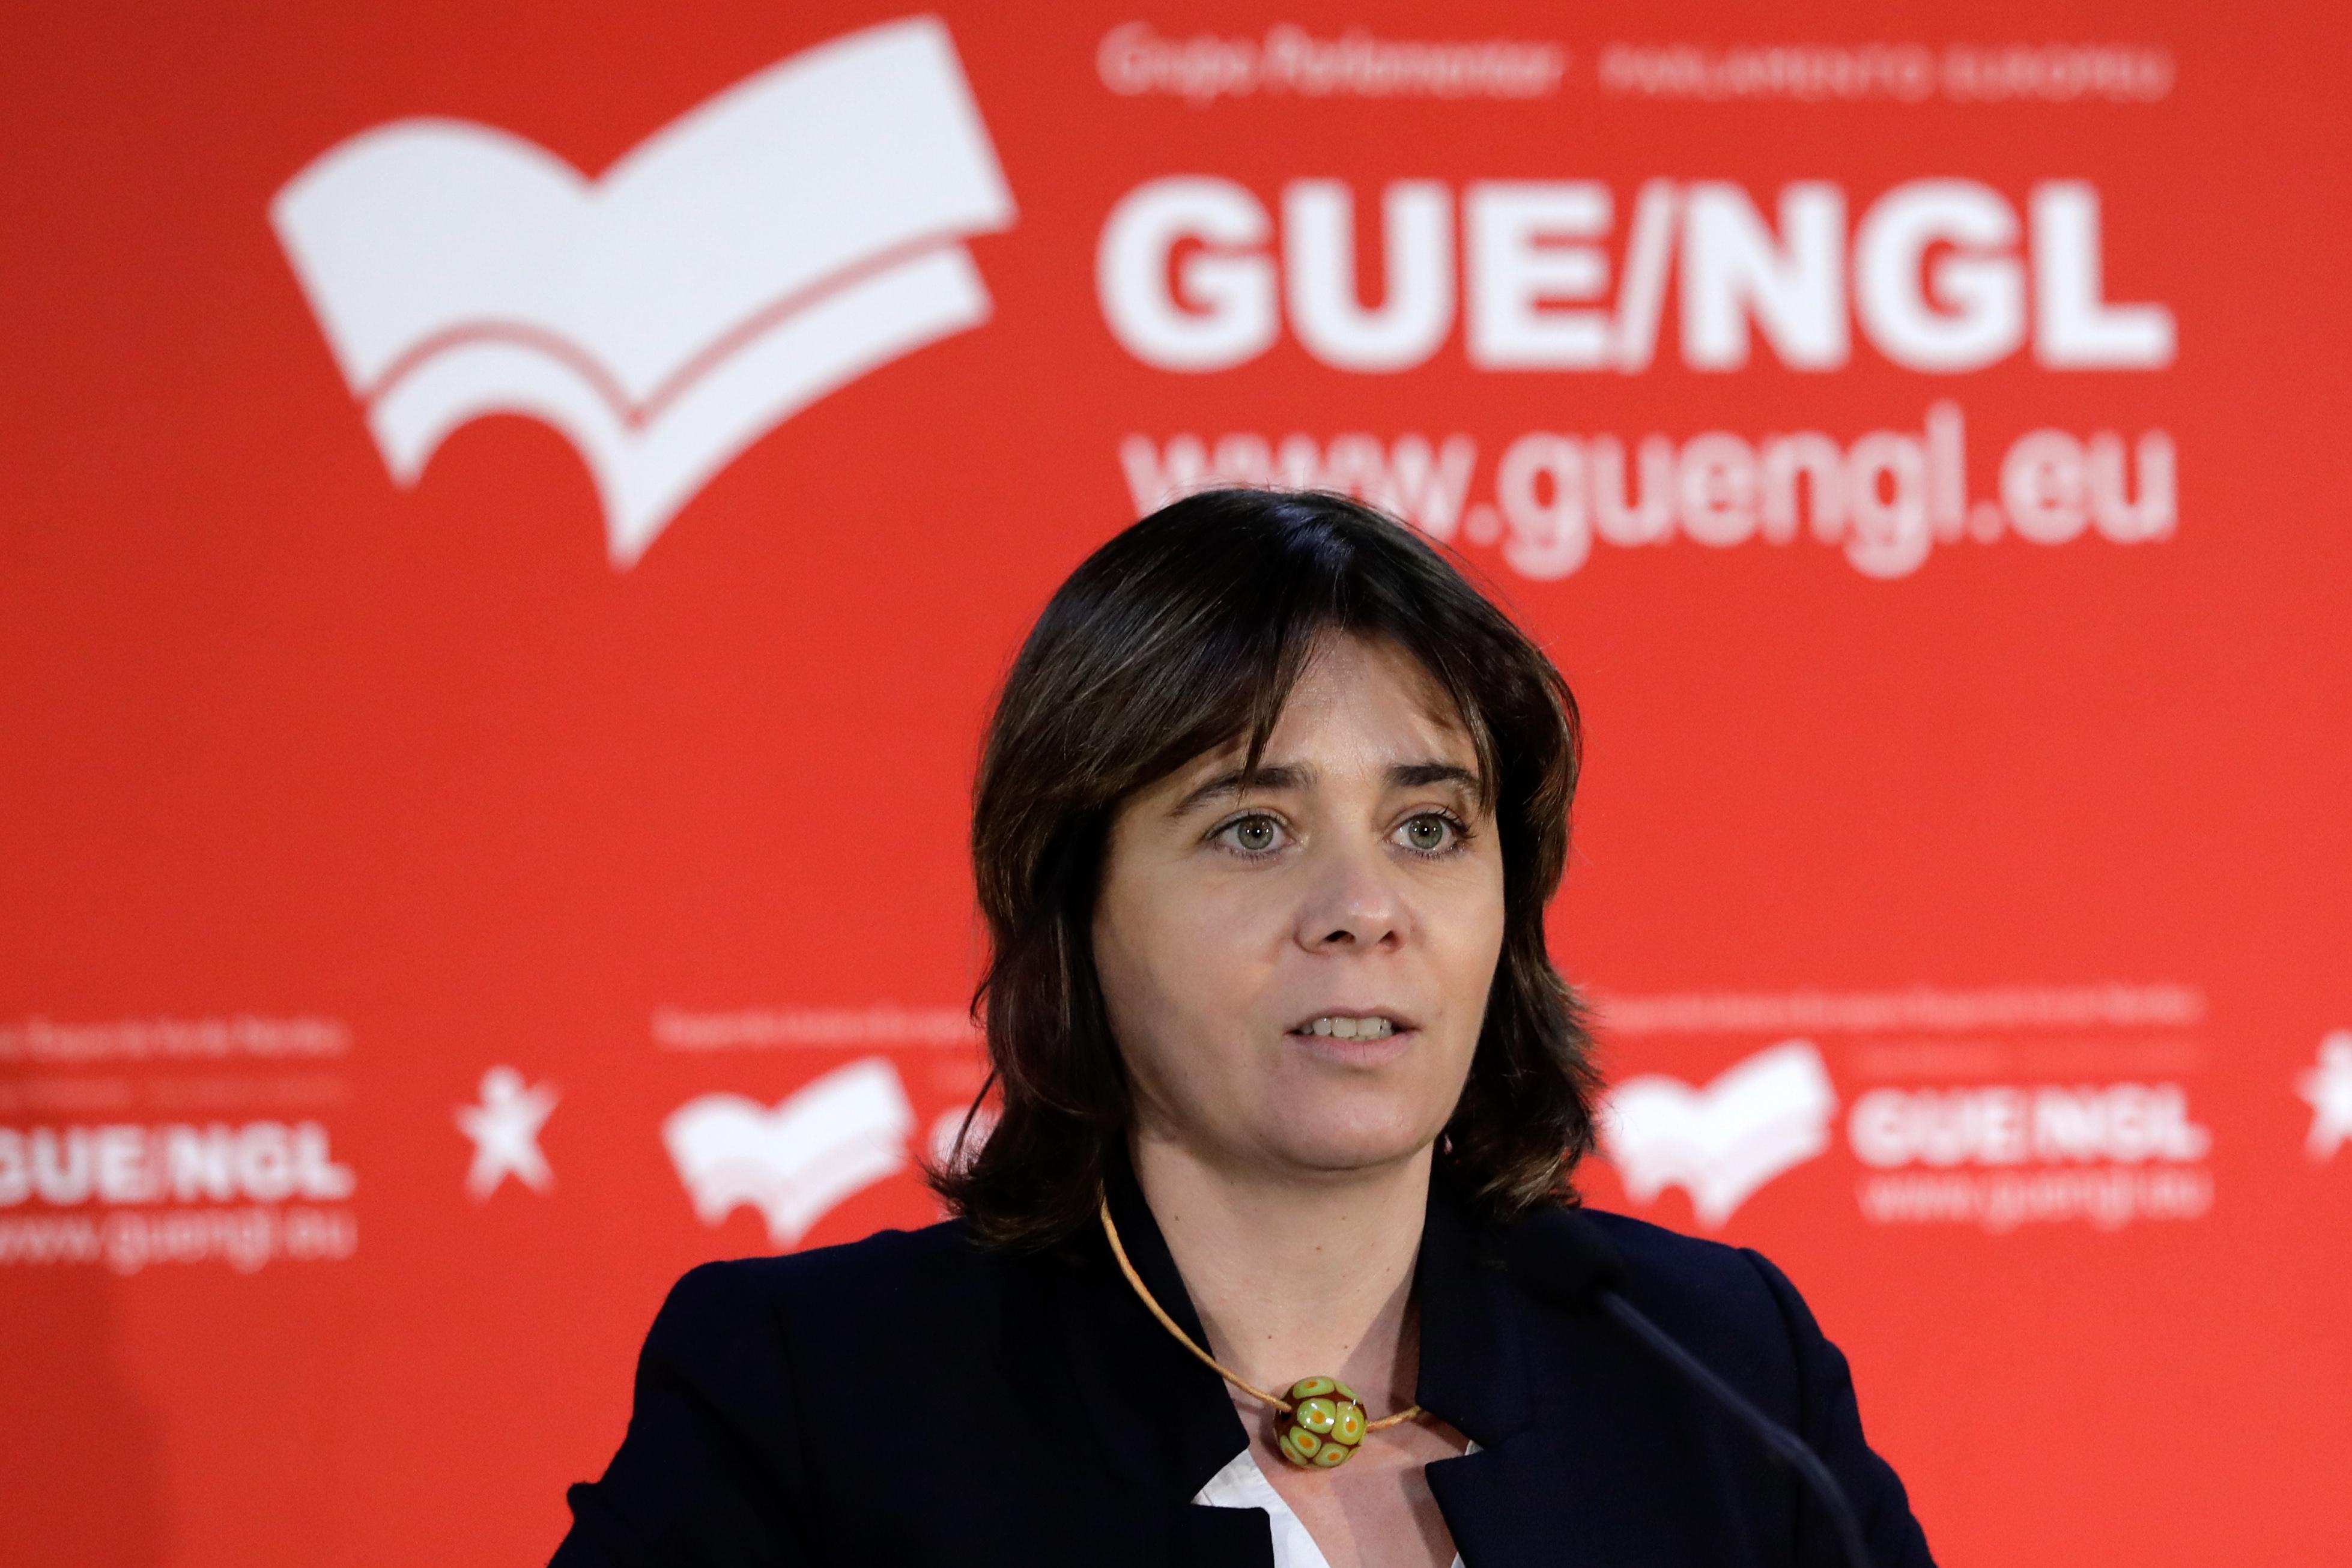 """Catarina Martins defende que se combatem populismos com """"respostas concretas"""" como """"saúde para todos"""""""